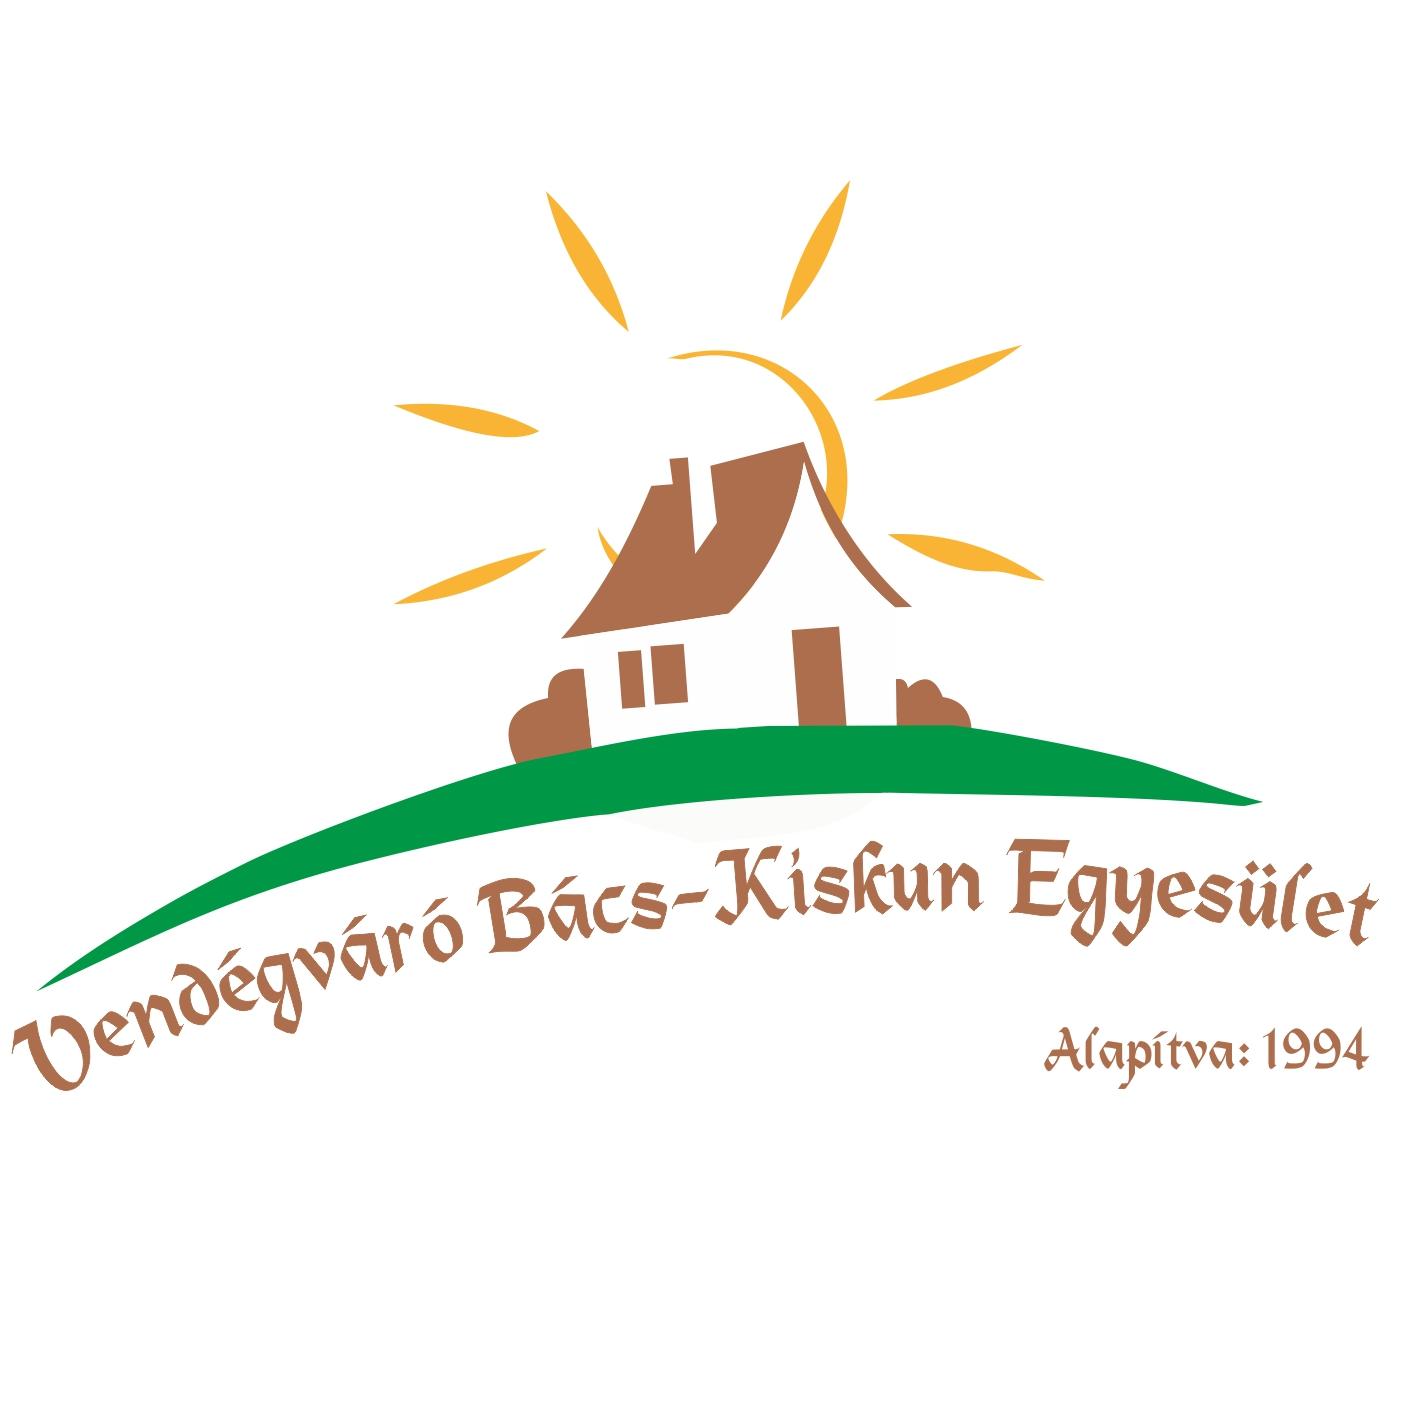 vendegvarobke-logo